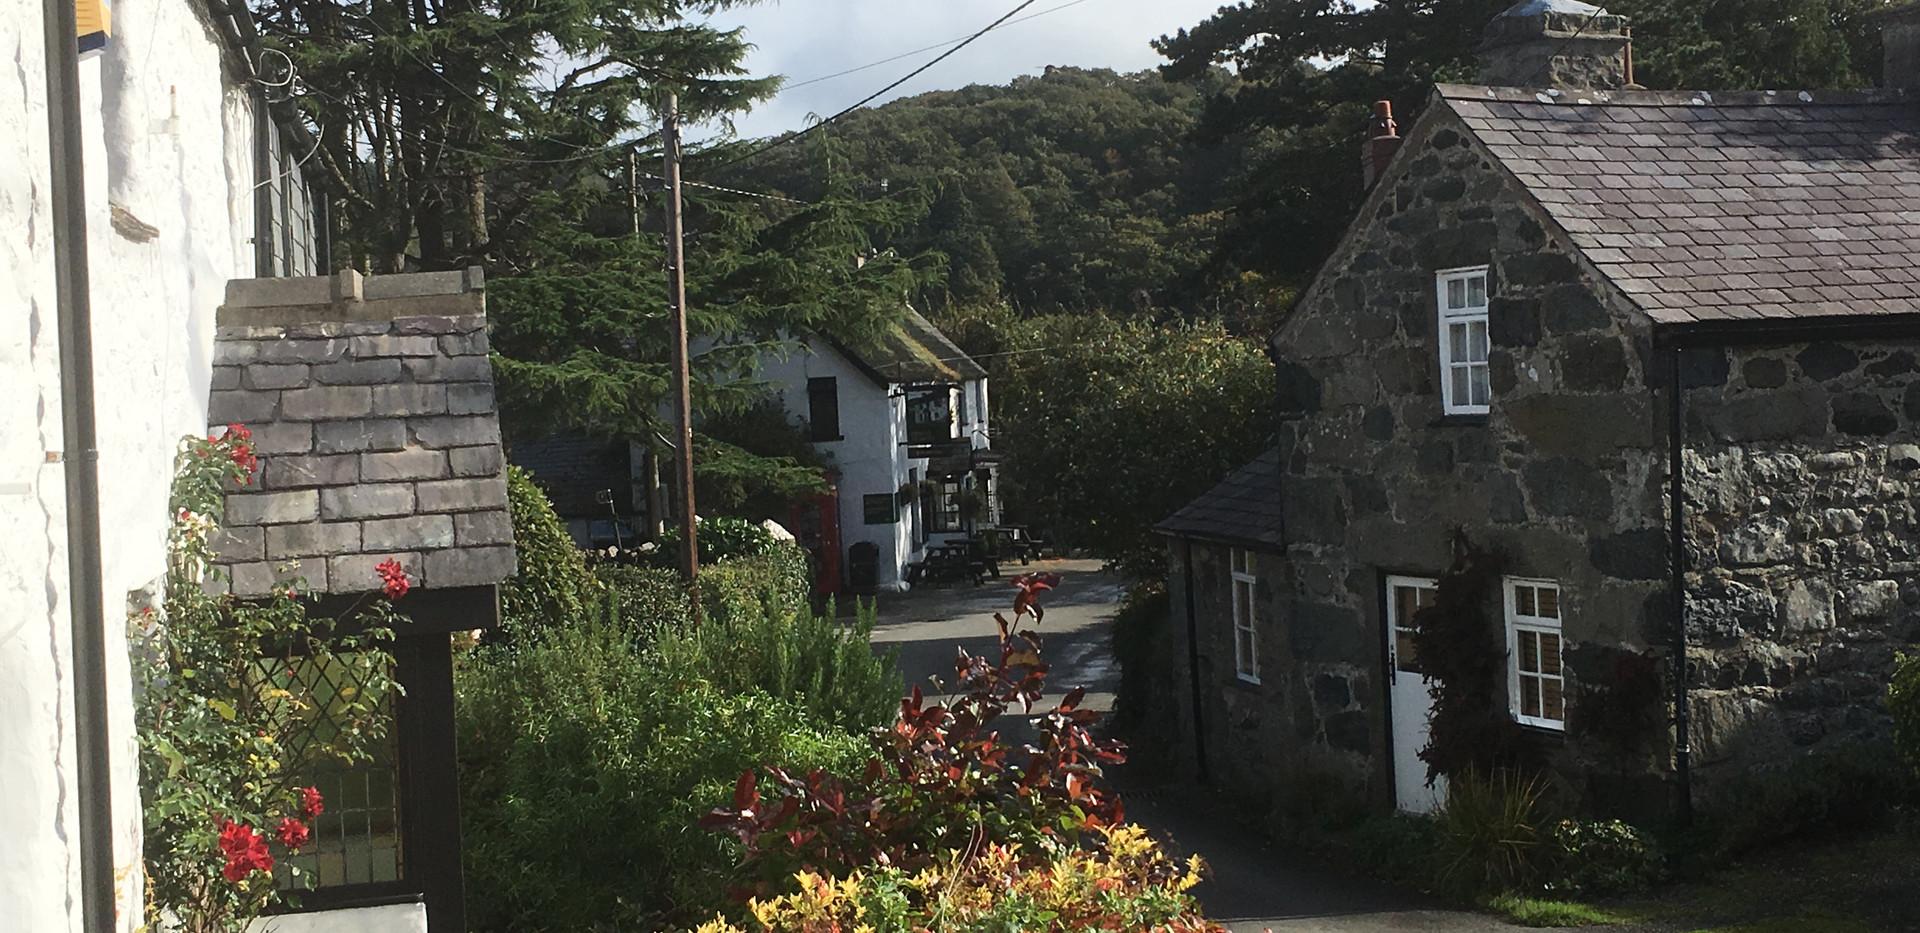 cefn cae cottages